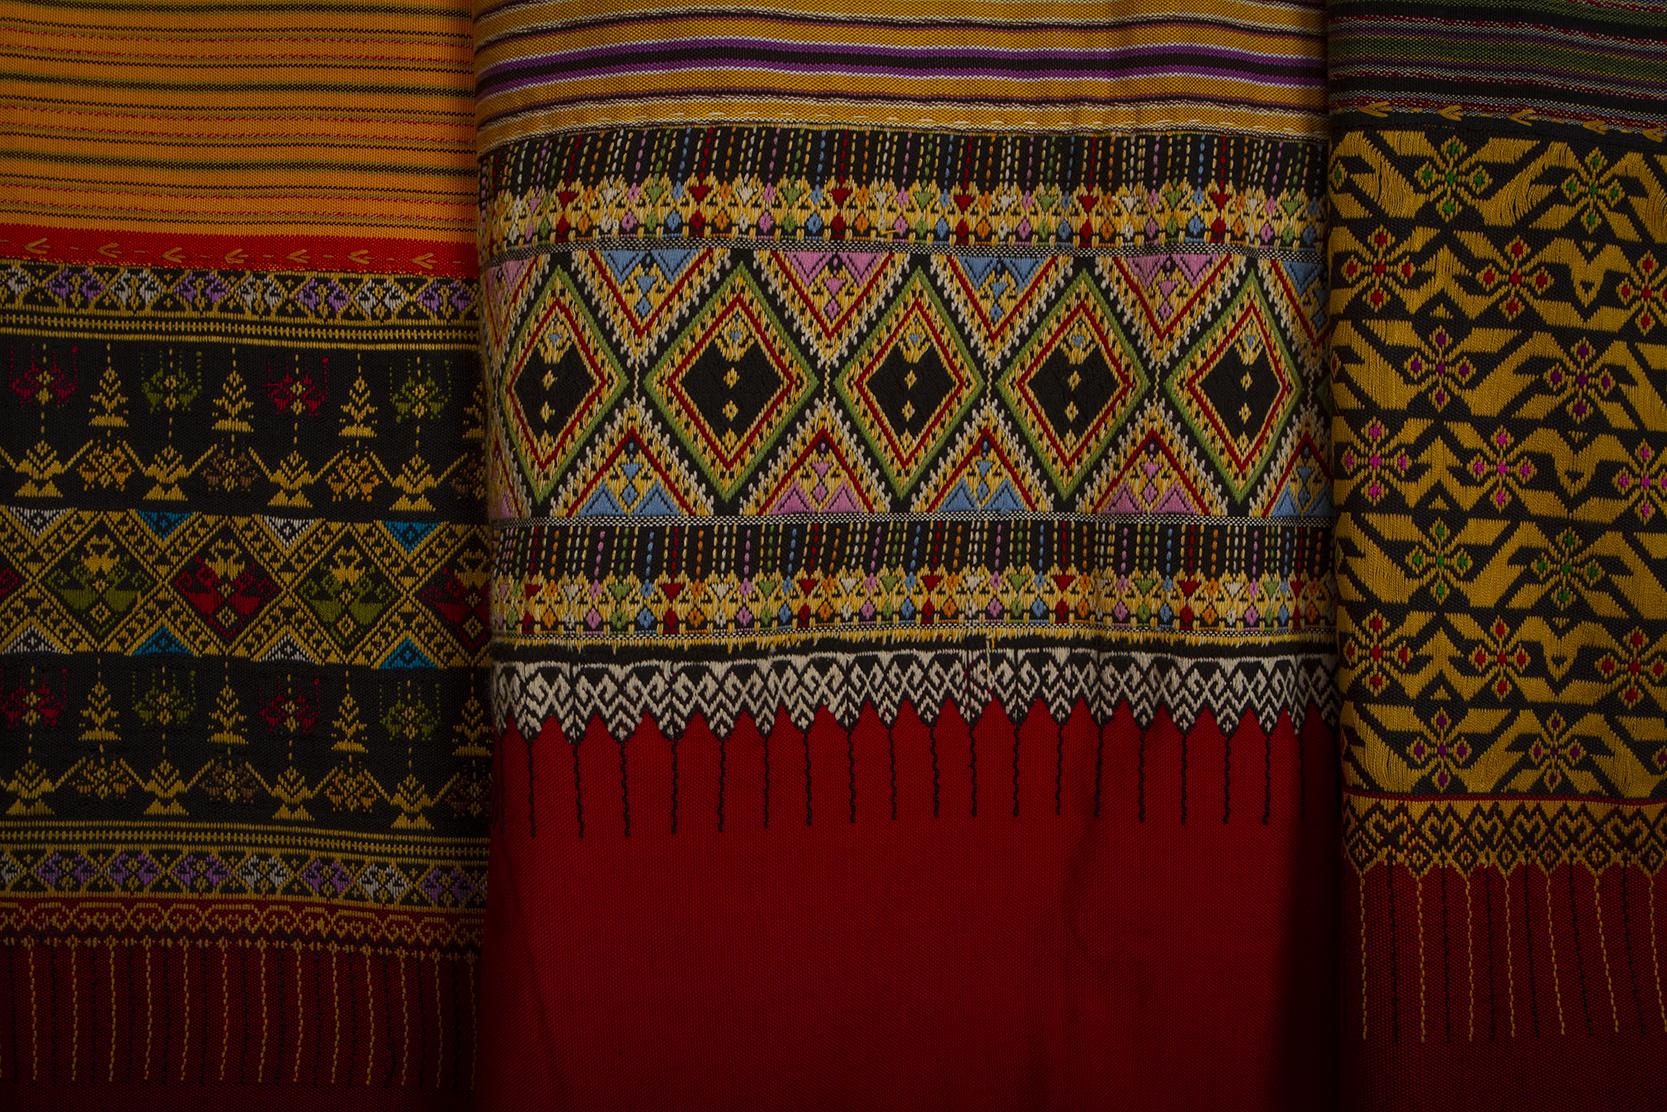 Thai Style Studio 1984 ซิ่น / ล้านนากับผ้าซิ่น / ภูมิปัญญาผ้าพื้นเมืองล้านนา 11